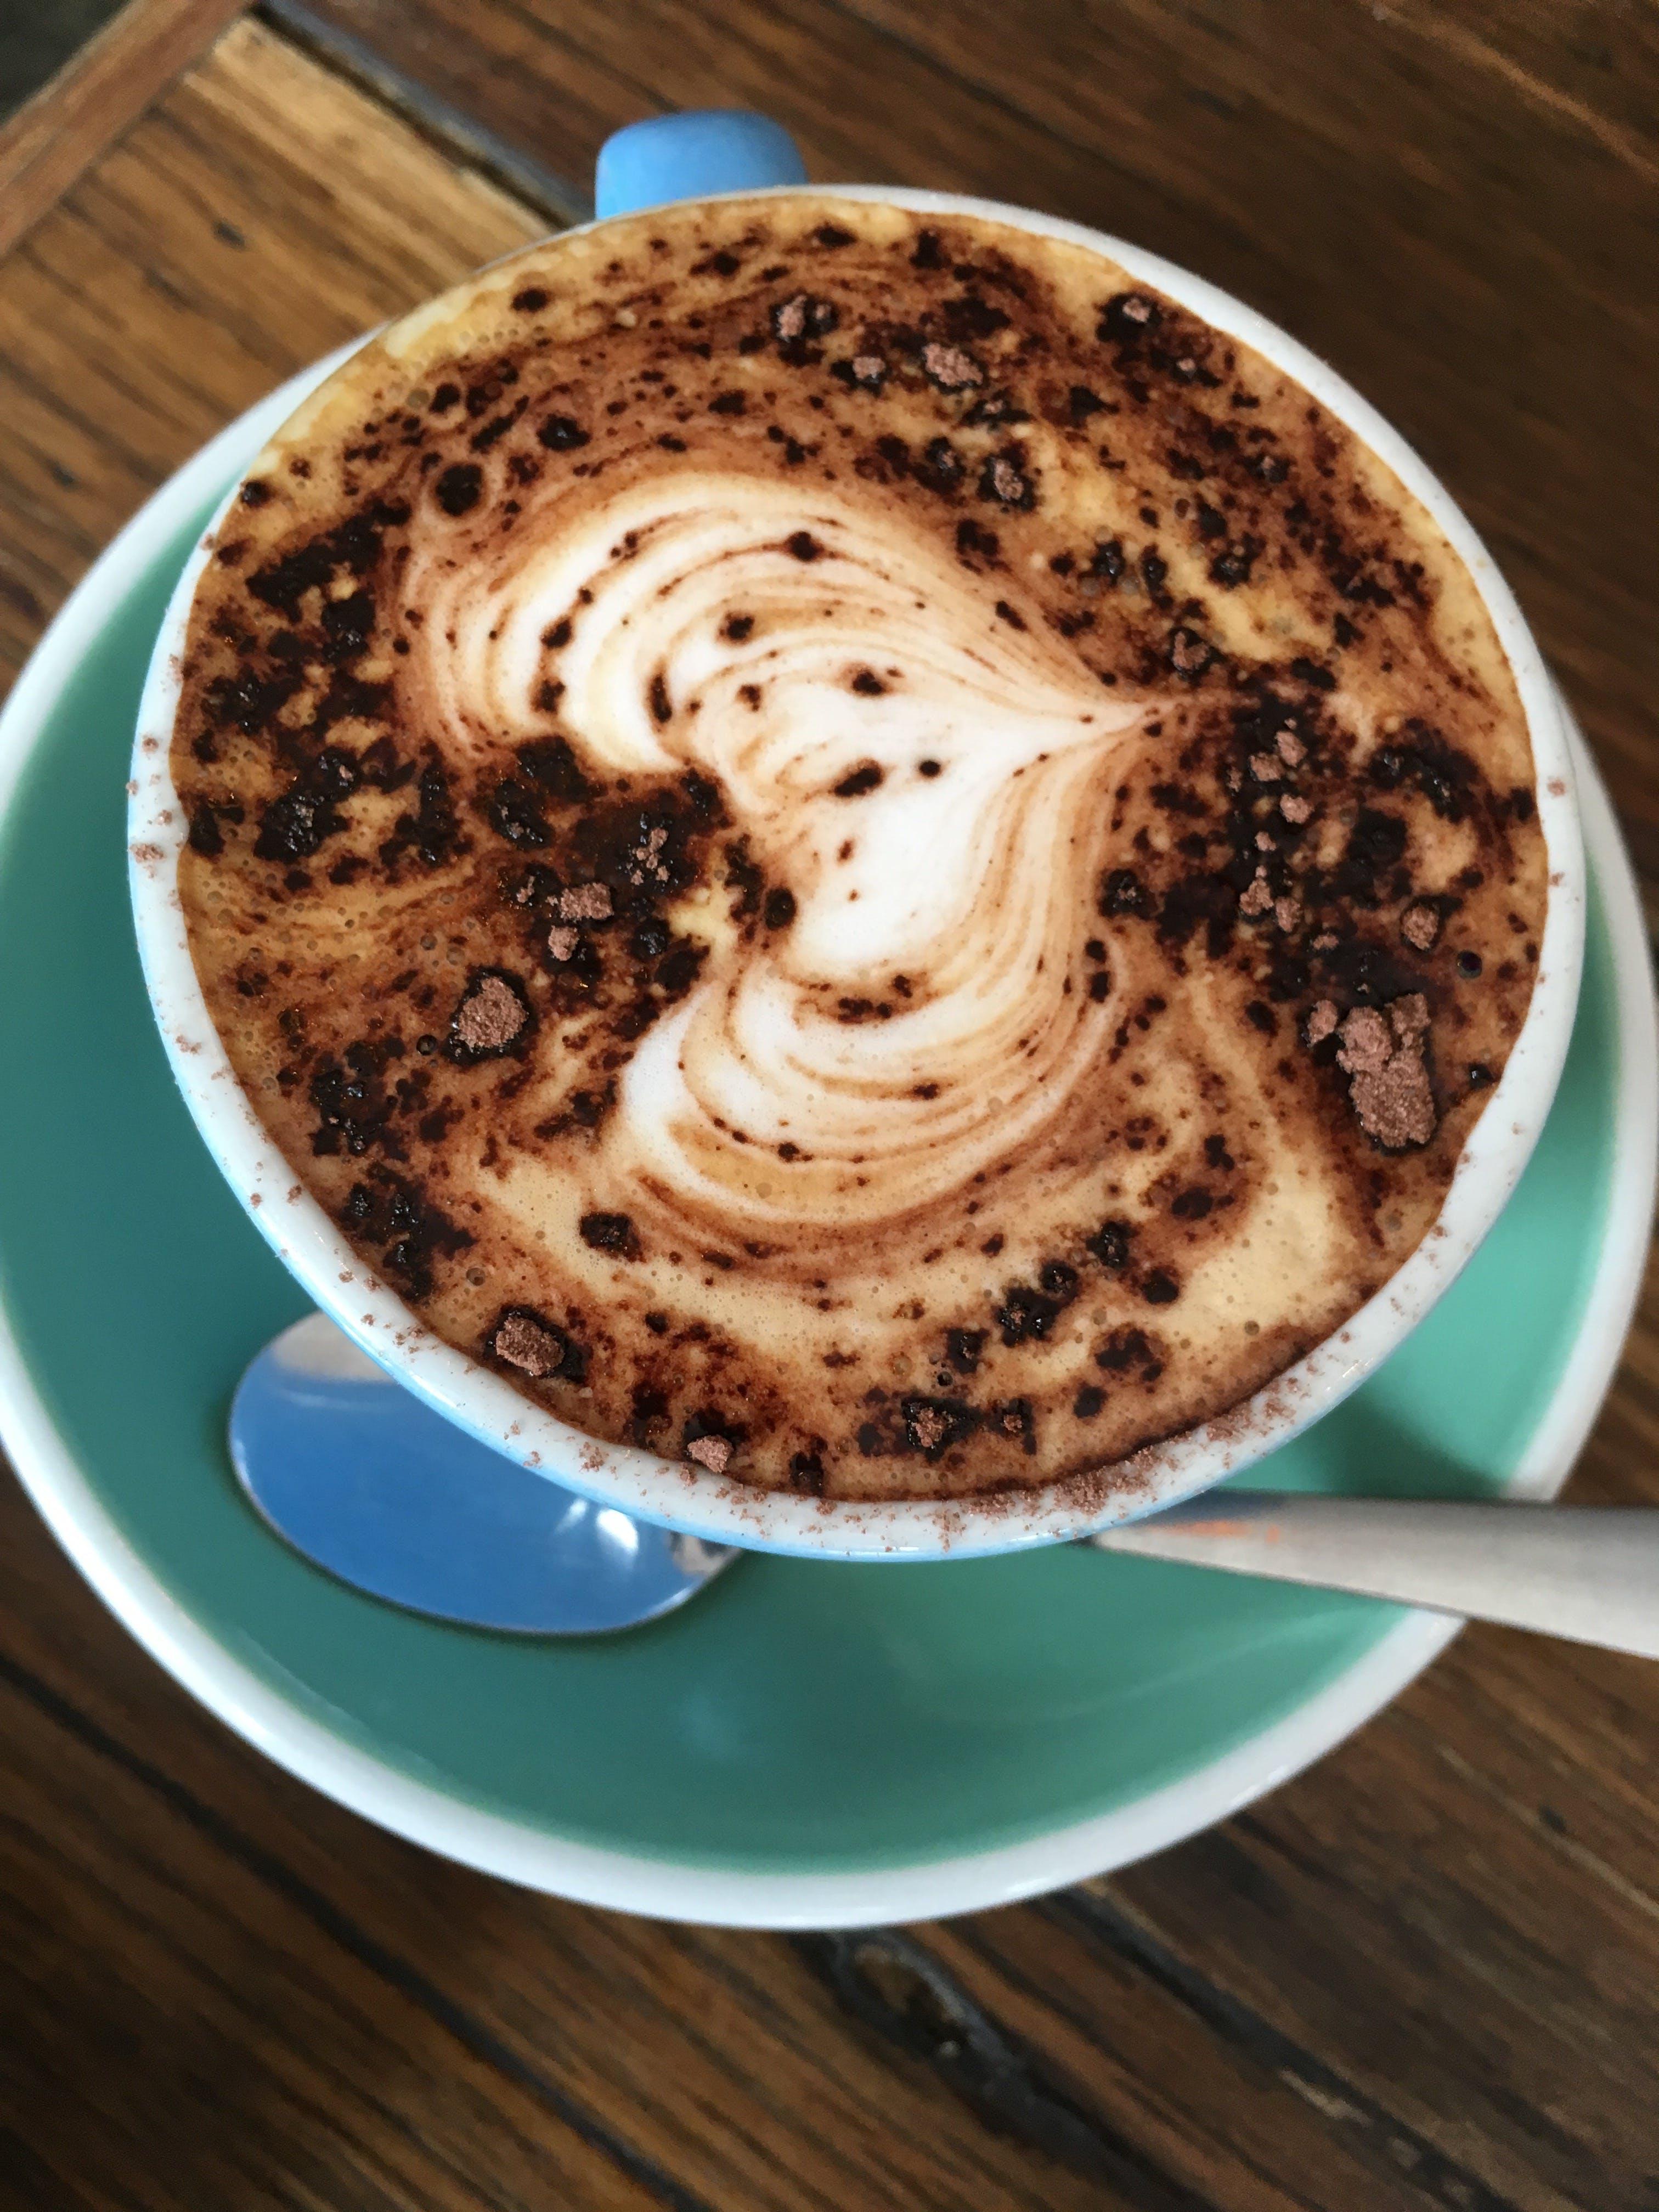 café kaffee, cappuccino, herz kaffee